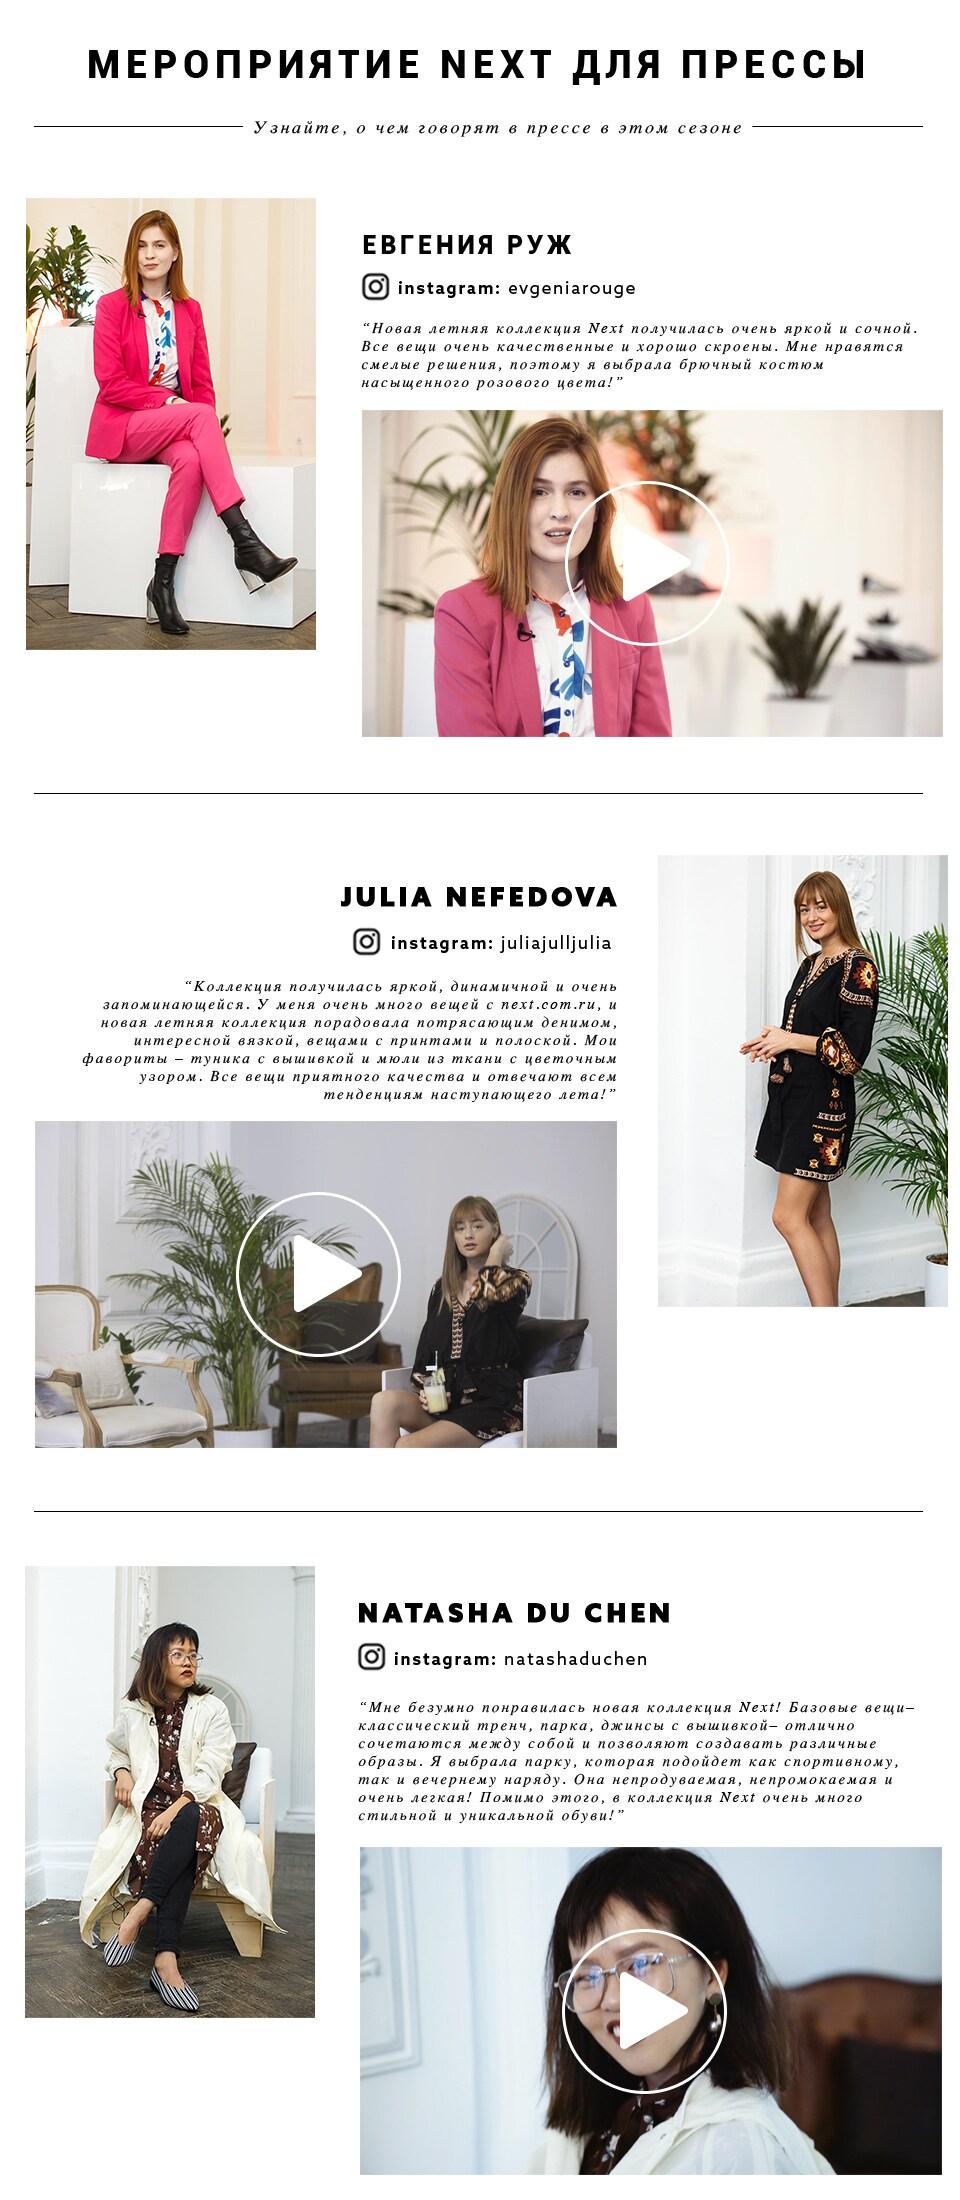 Российский блогер